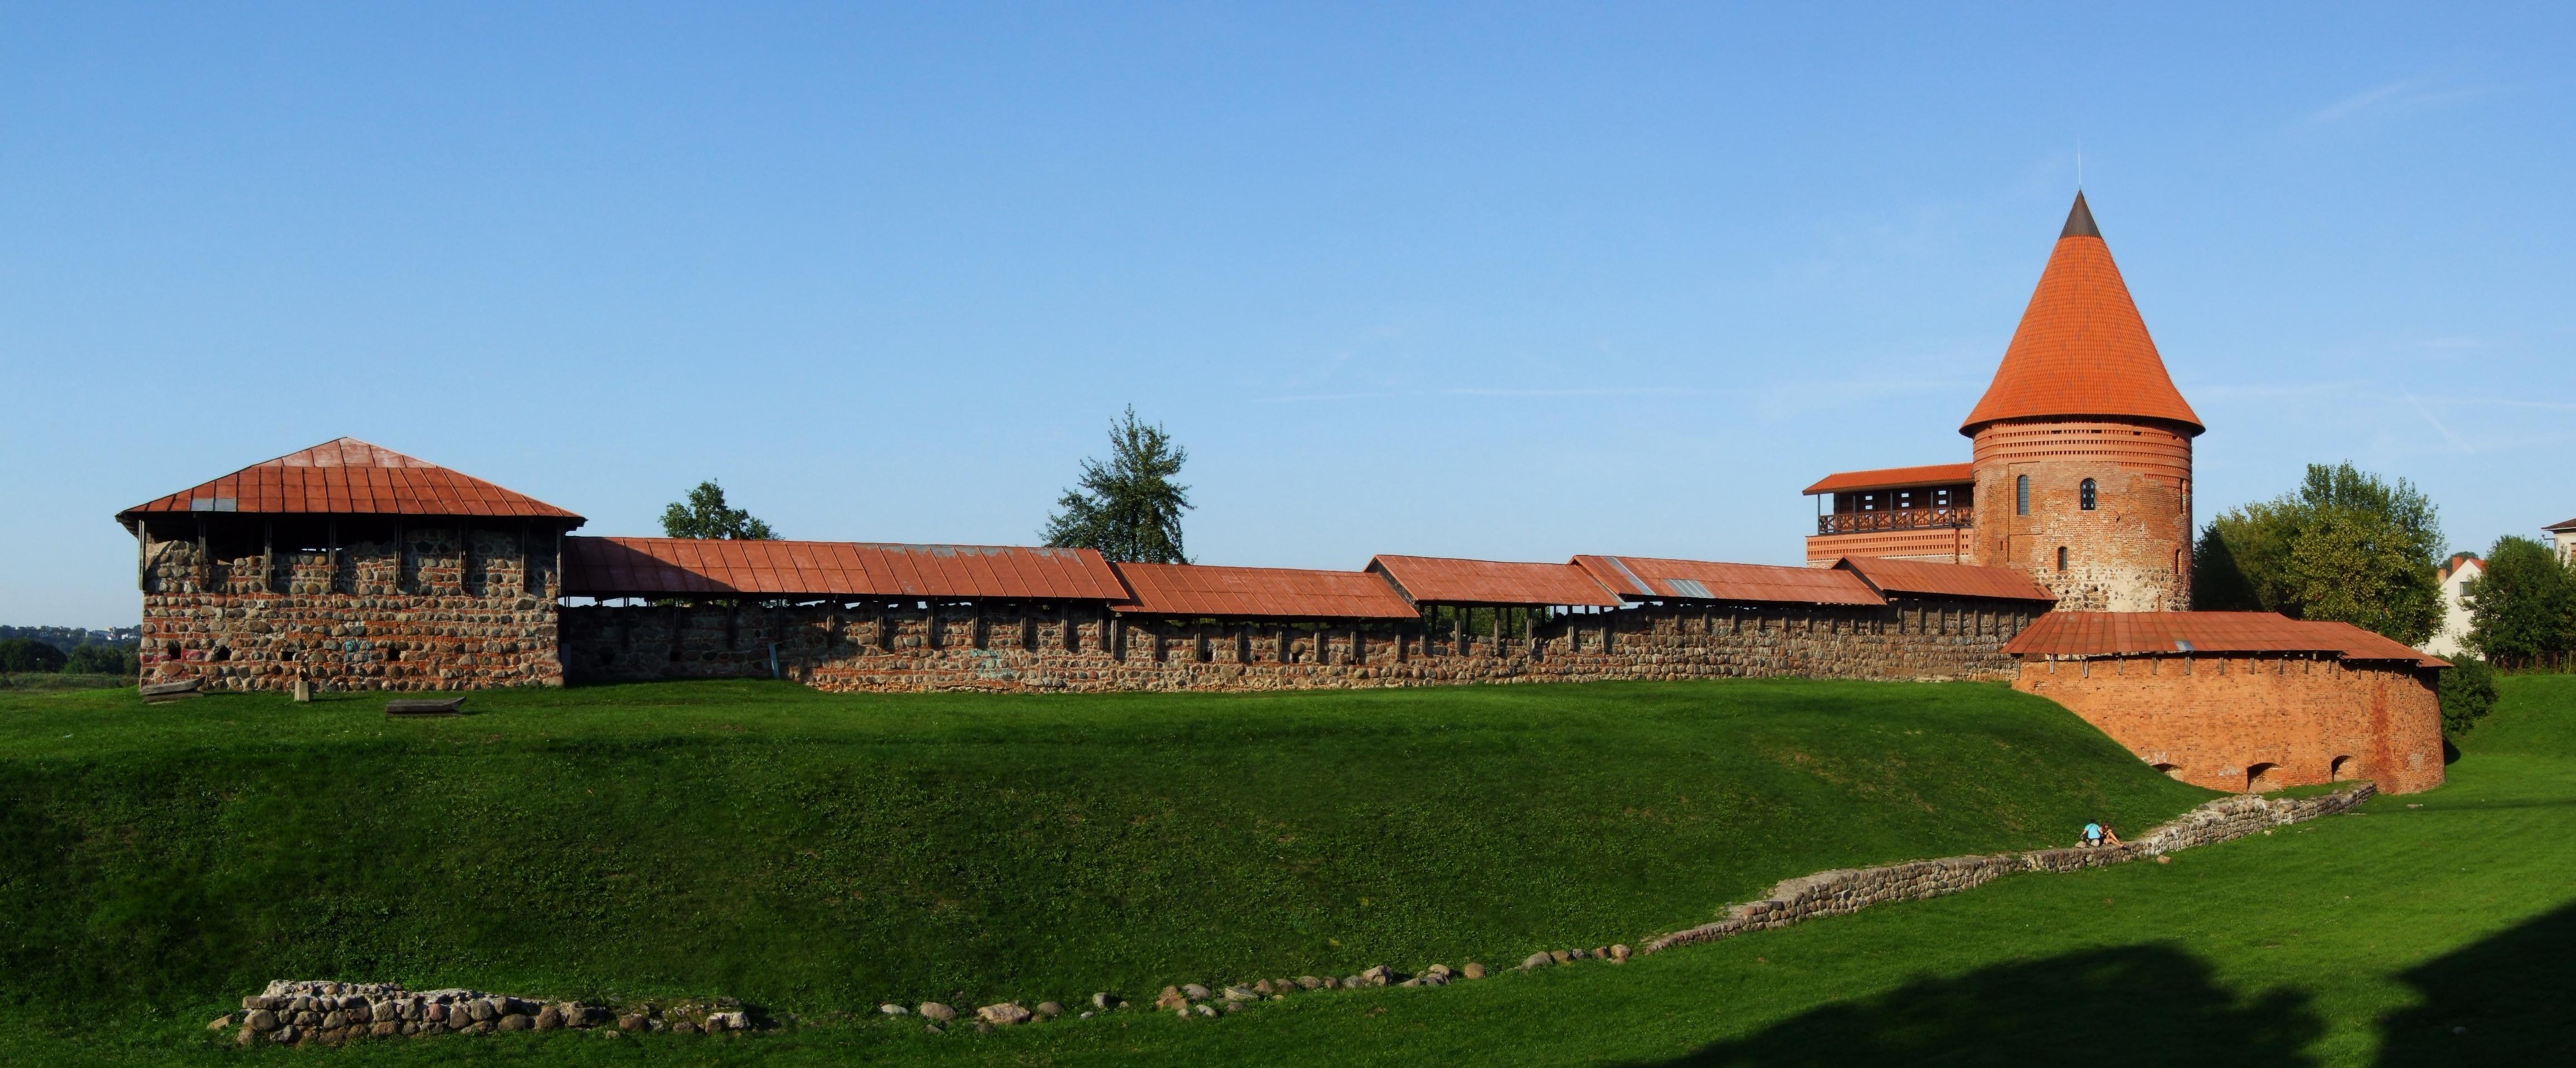 Каунасский замок в Литве